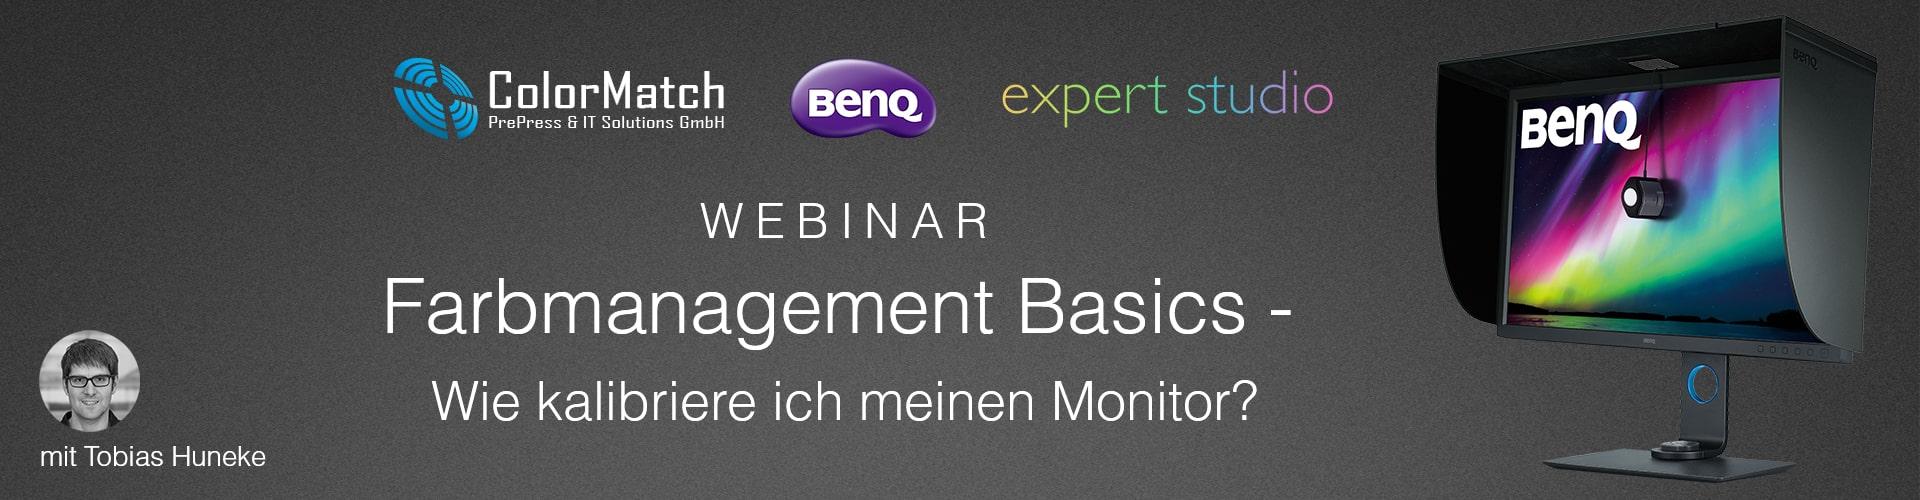 Webinar Farbmanagement Basics - Wie kalibriere ich meinen Monitor?